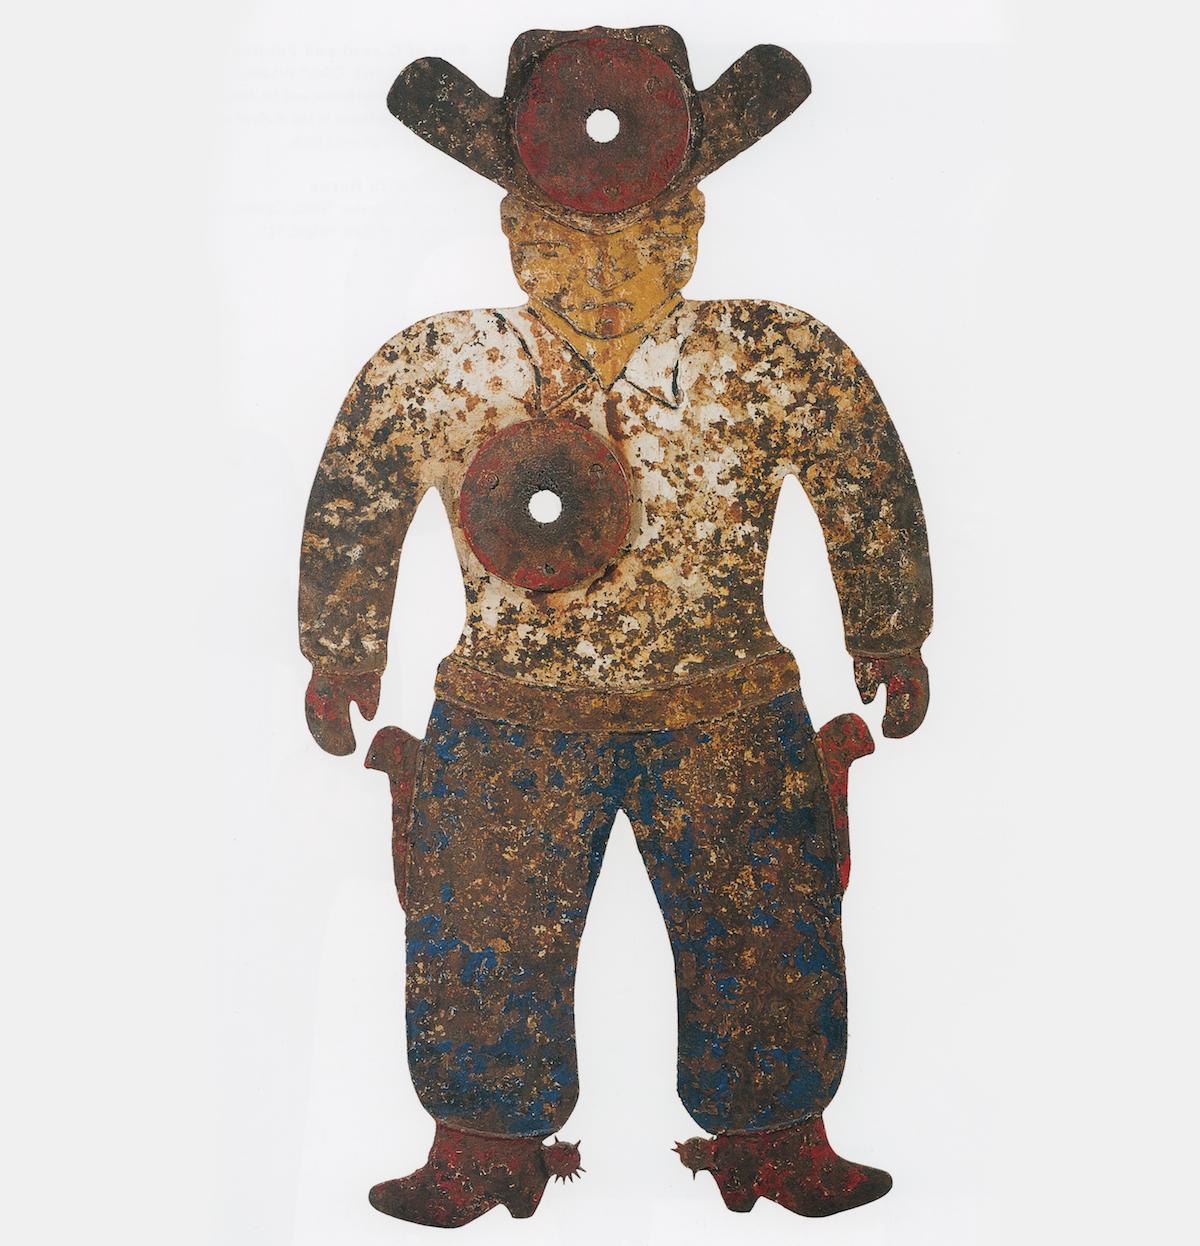 Cowboy aka Shorty, manufactured by Wm. F. Mangels.